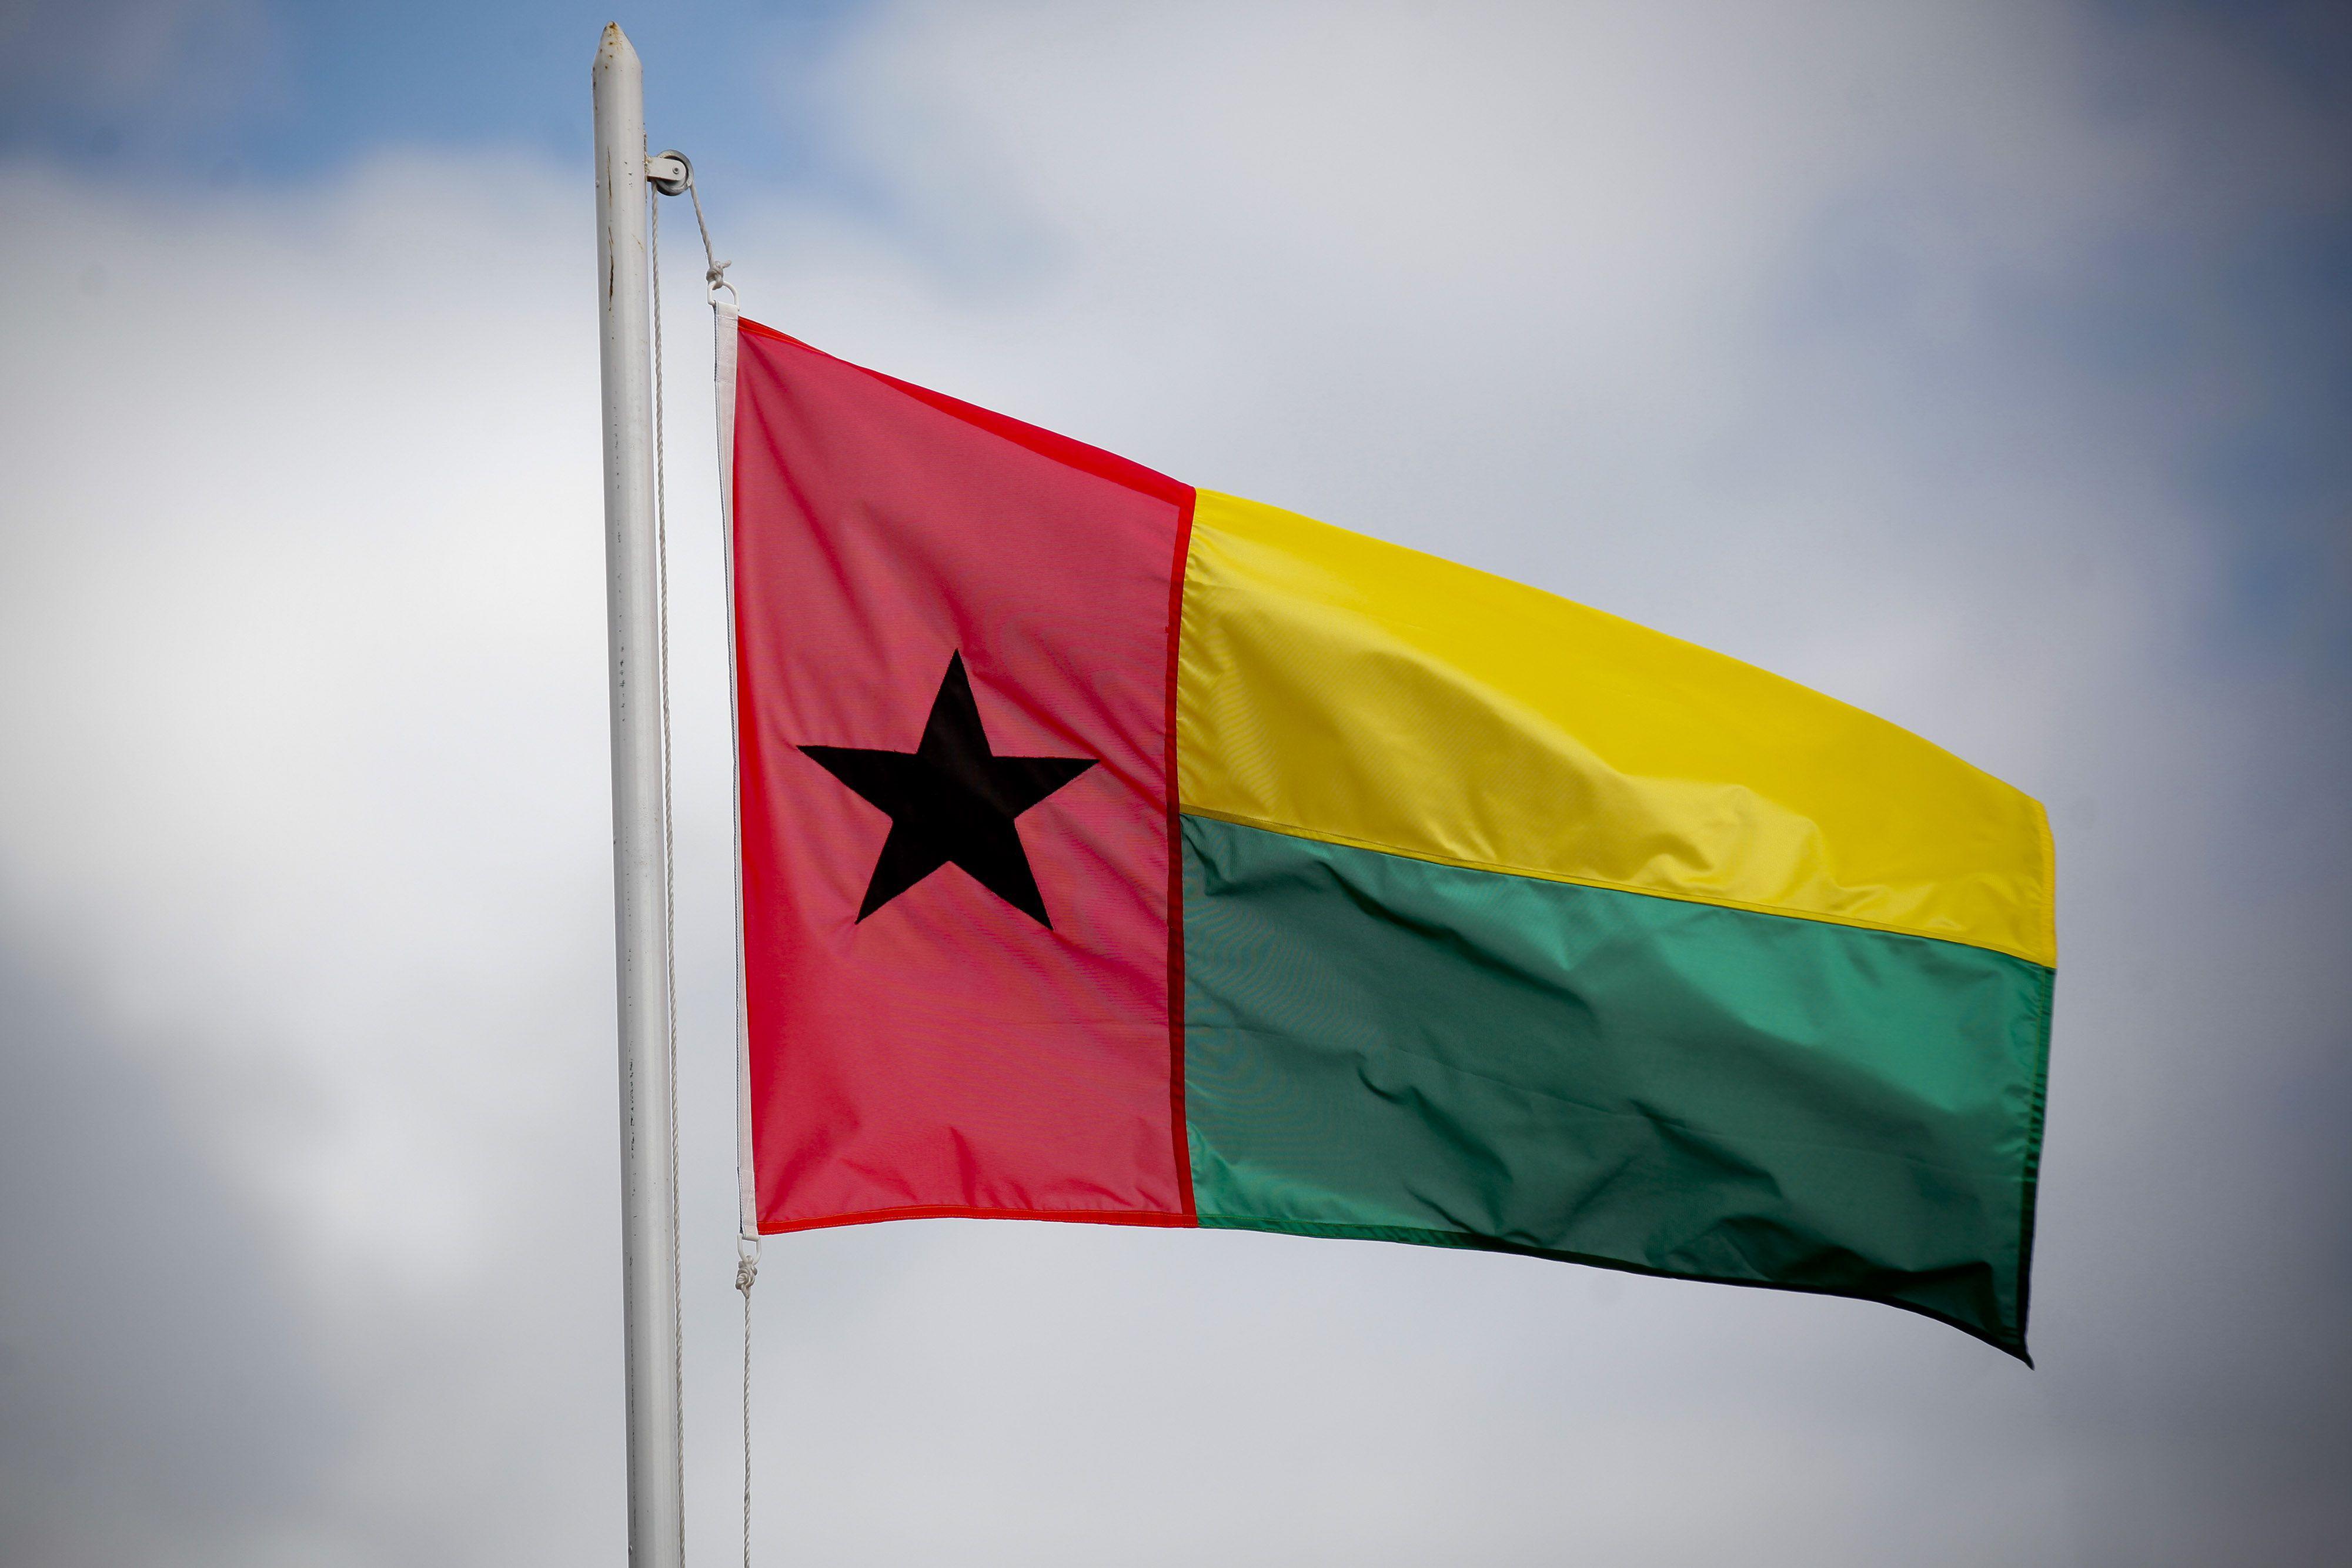 Liga Guineense Direitos Humanos acusa polícia de matar presos que tentavam evadir-se